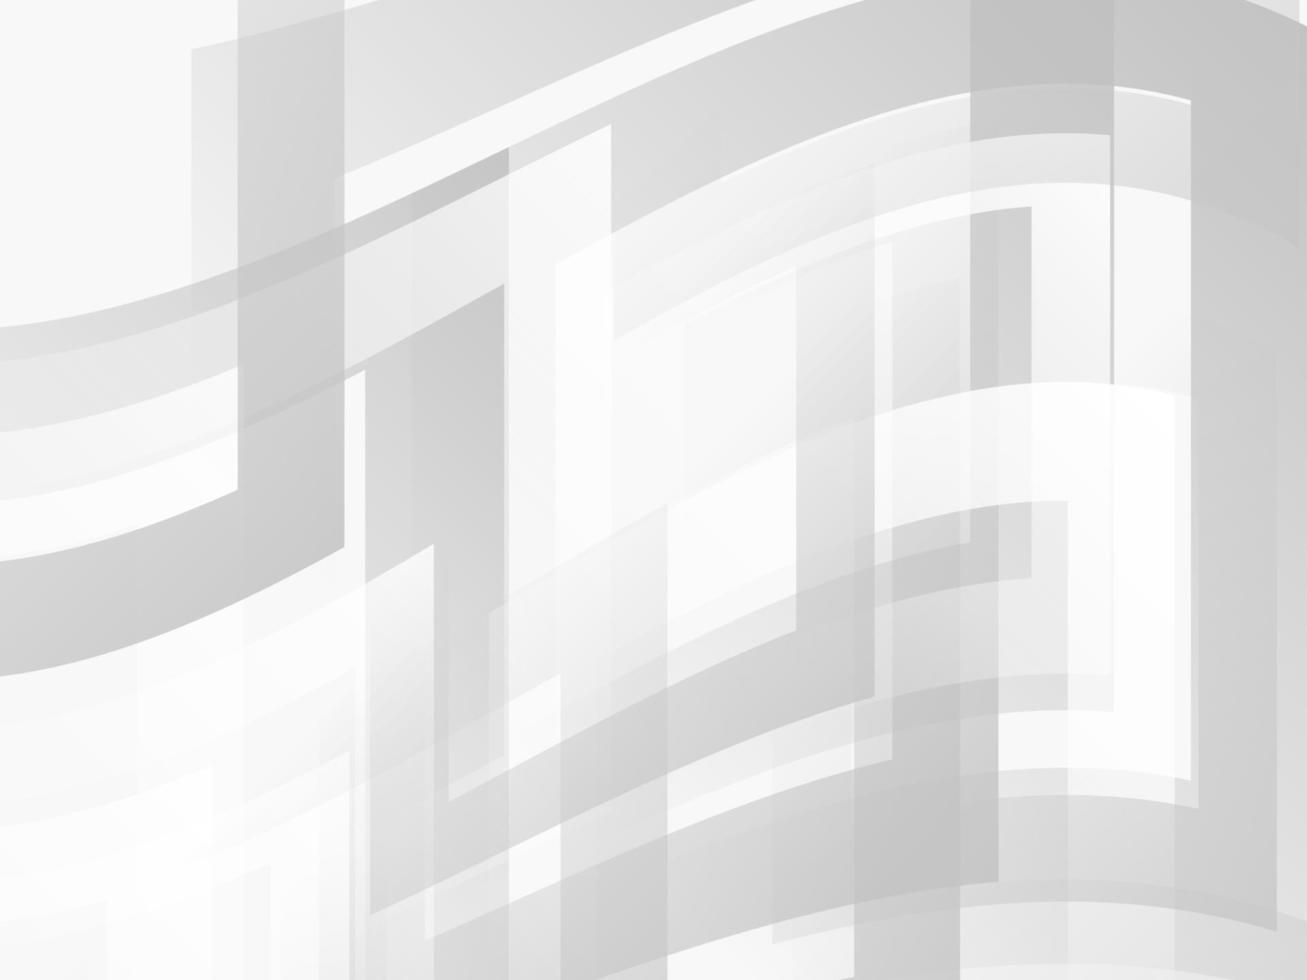 Diseño de fondo moderno con estilo geométrico gris y blanco abstracto vector